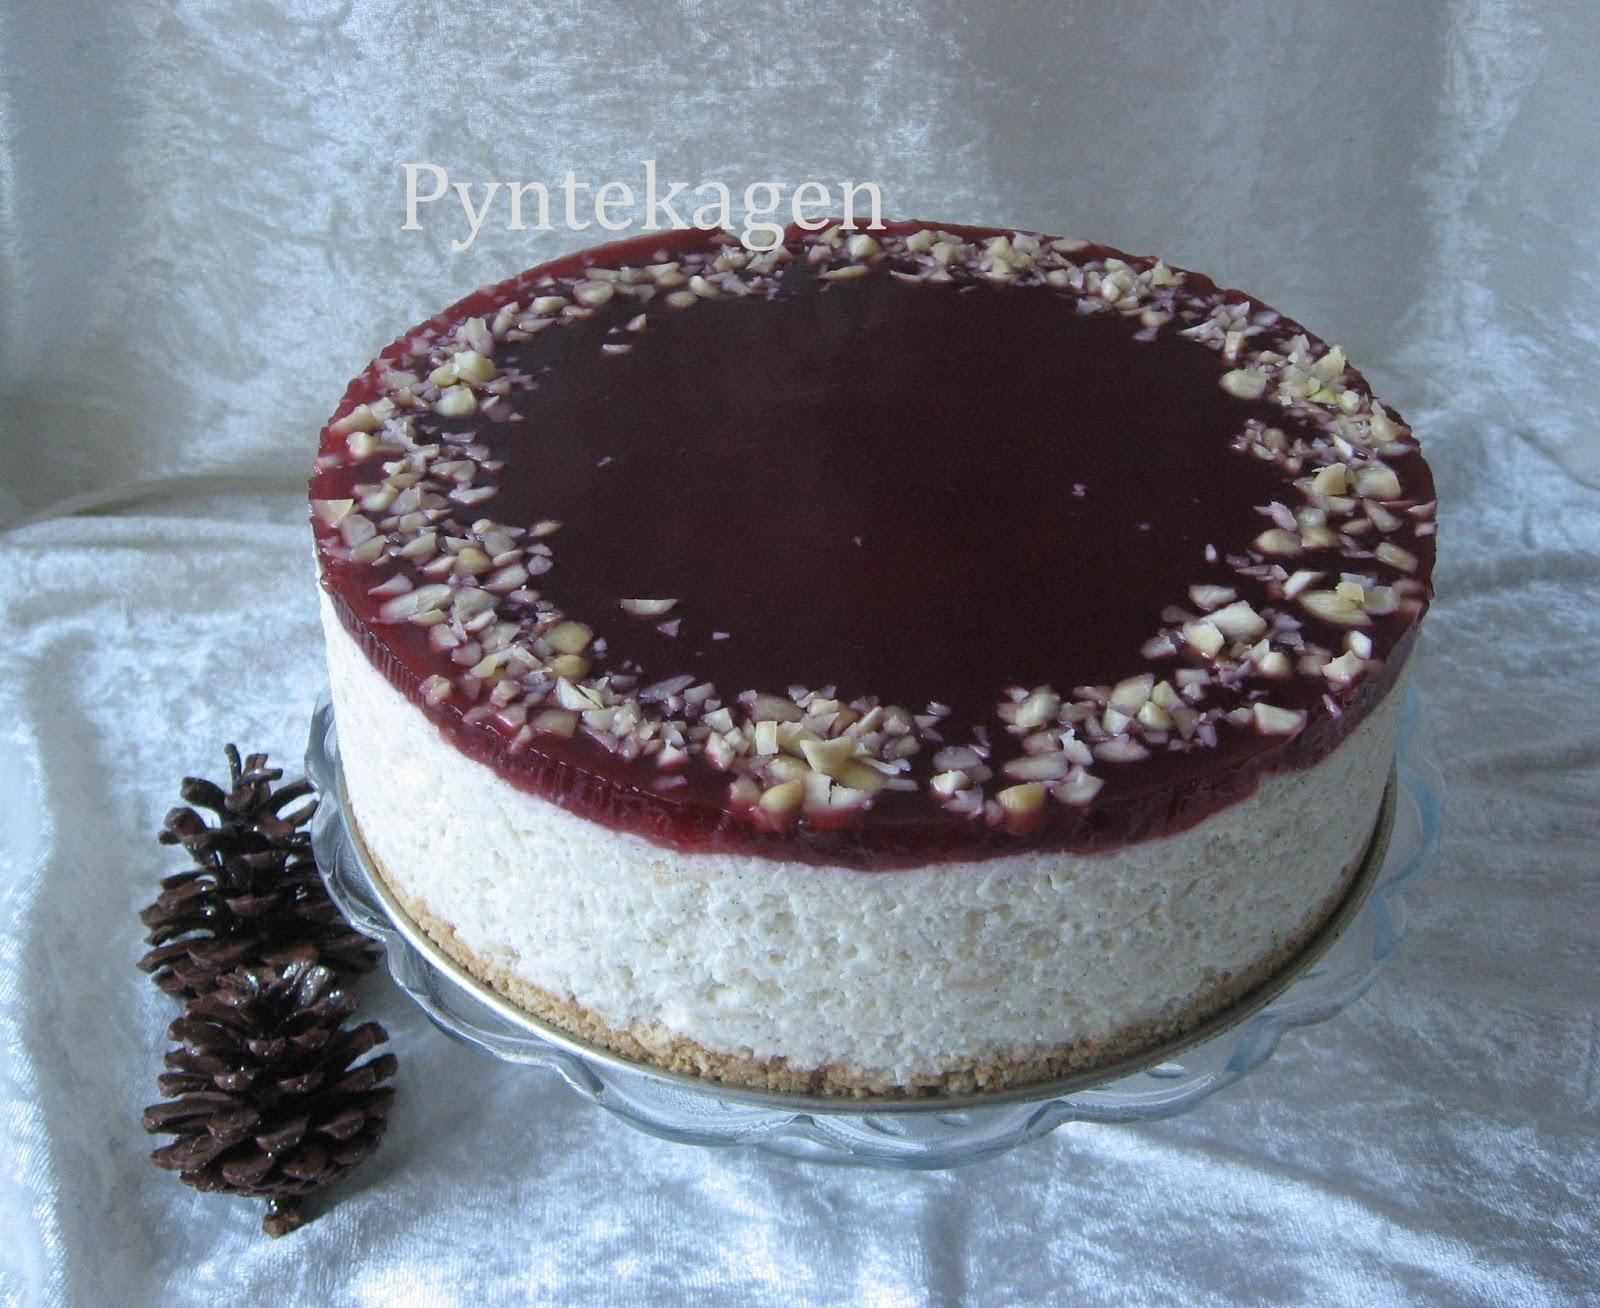 risalamande kage